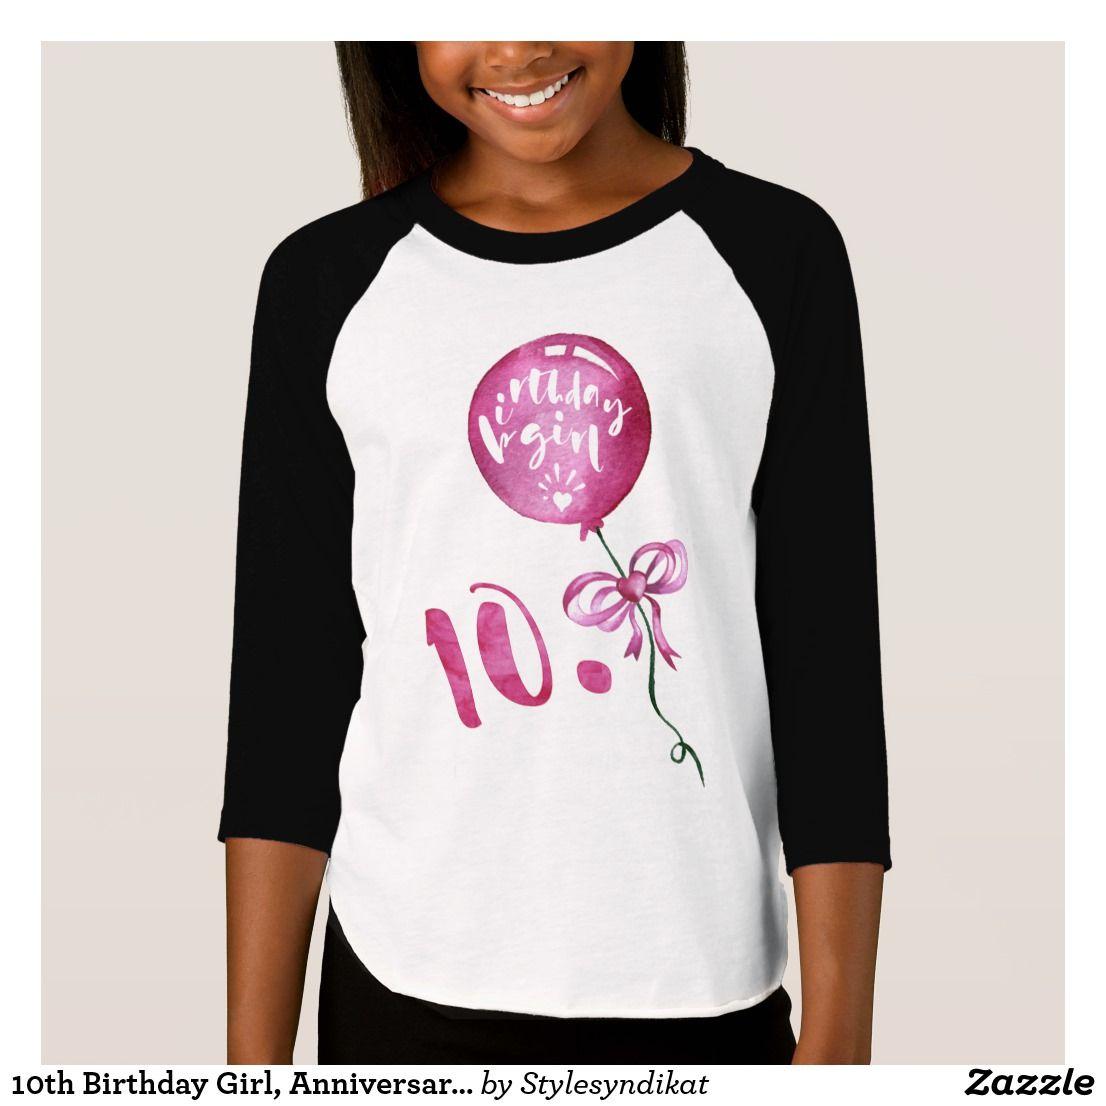 fashion easts 10th birthday - HD1106×1106